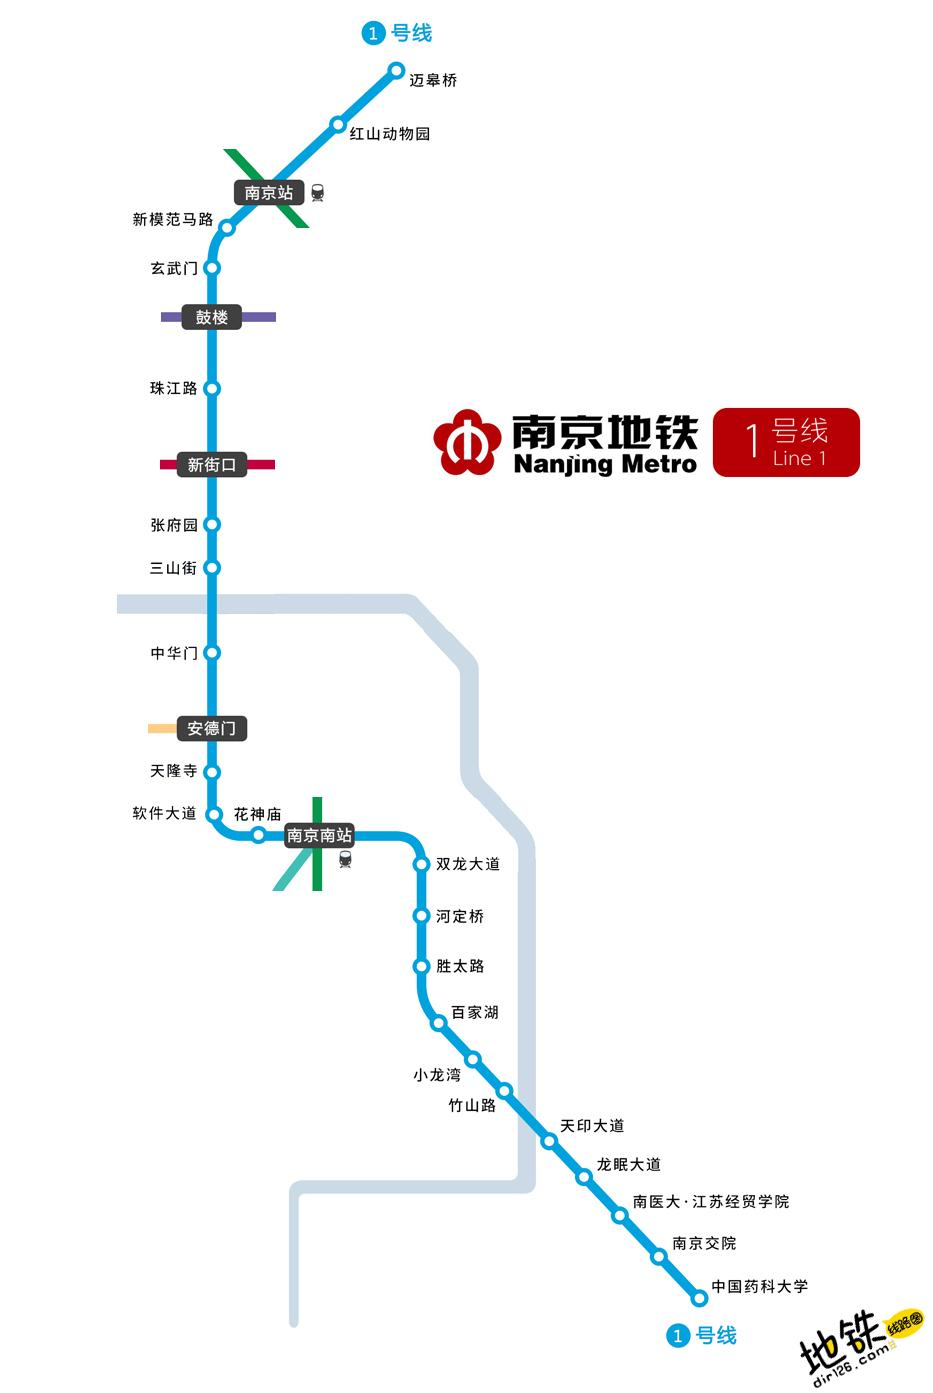 南京地铁1号线线路图 运营时间票价站点 查询下载 南京地铁1号线查询 南京地铁1号线运营时间 南京地铁1号线线路图 南京地铁1号线 南京地铁一号线 南京地铁线路图  第2张